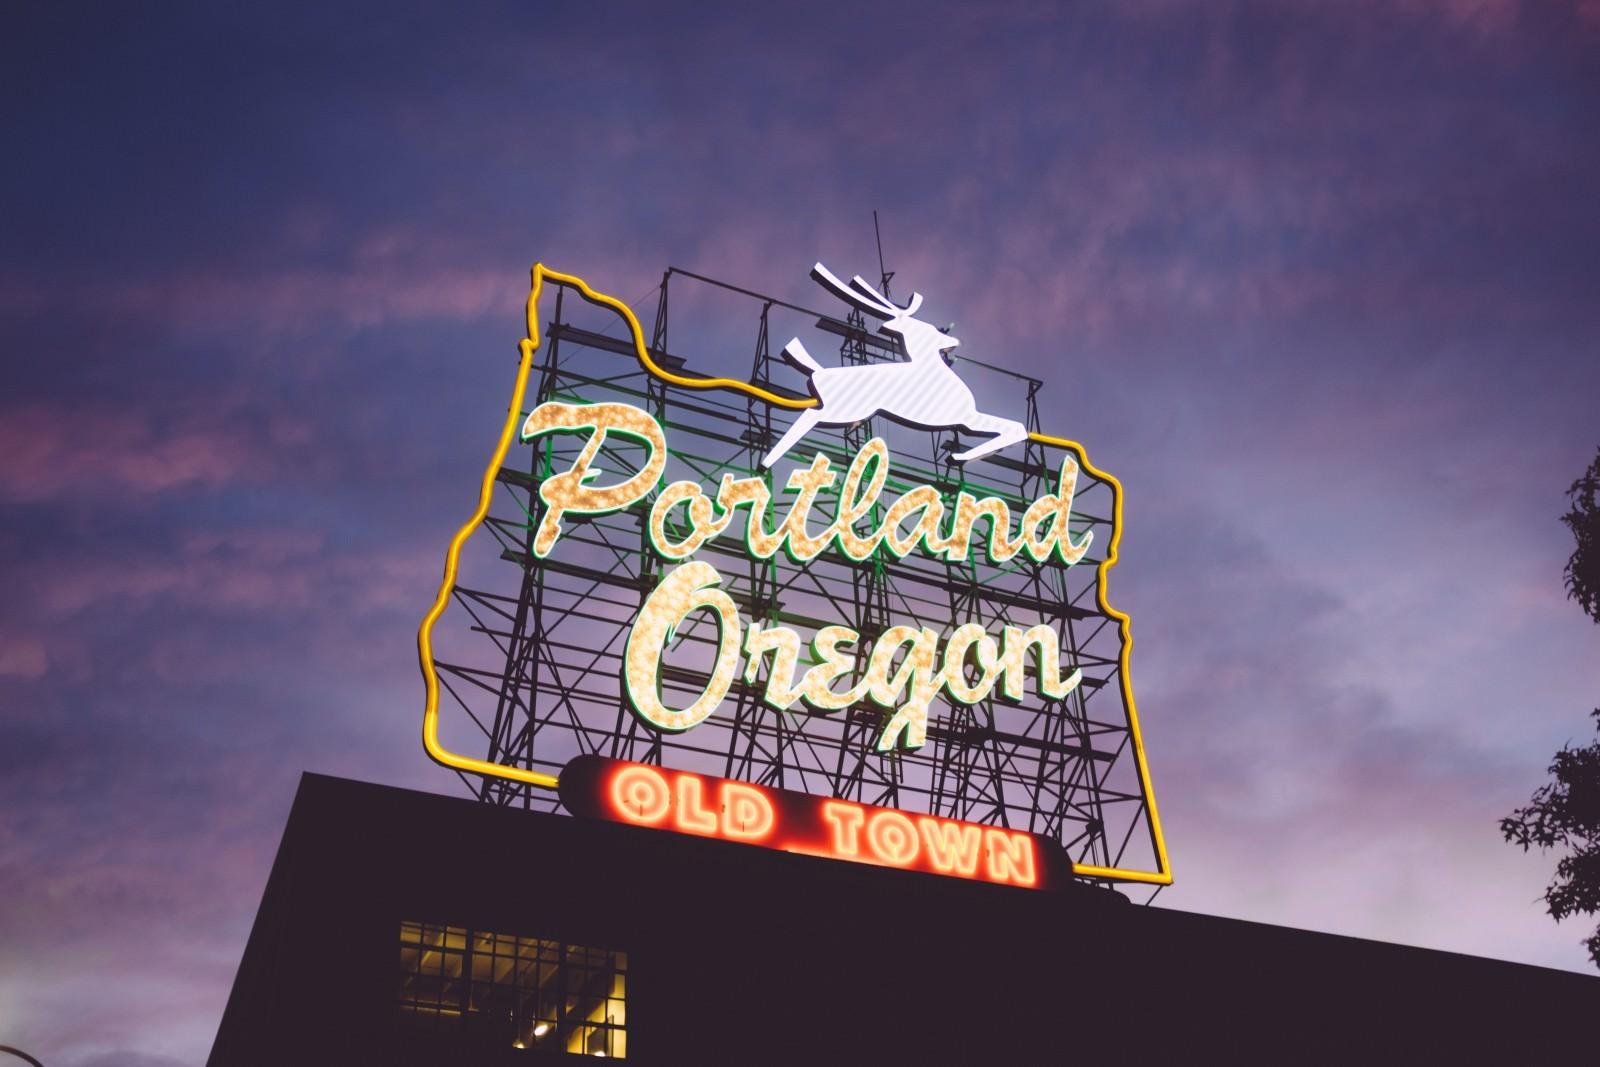 オレゴン、ポートランドのネオン